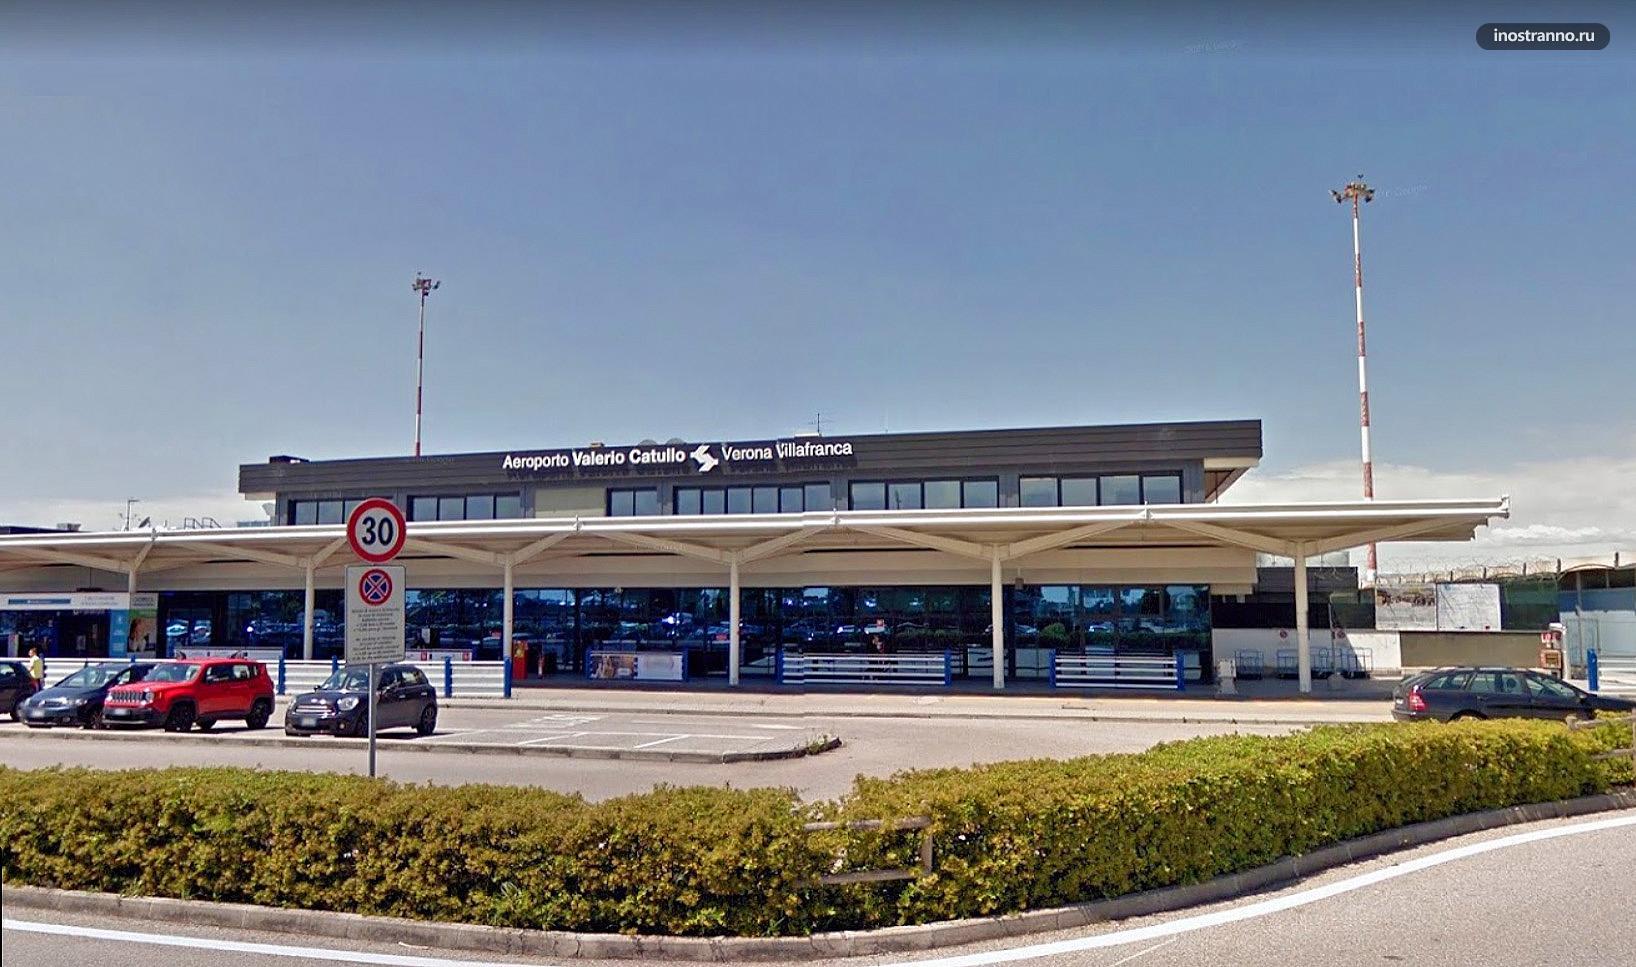 Международный аэропорт Валерио Катулло Виллафранка в Вероне